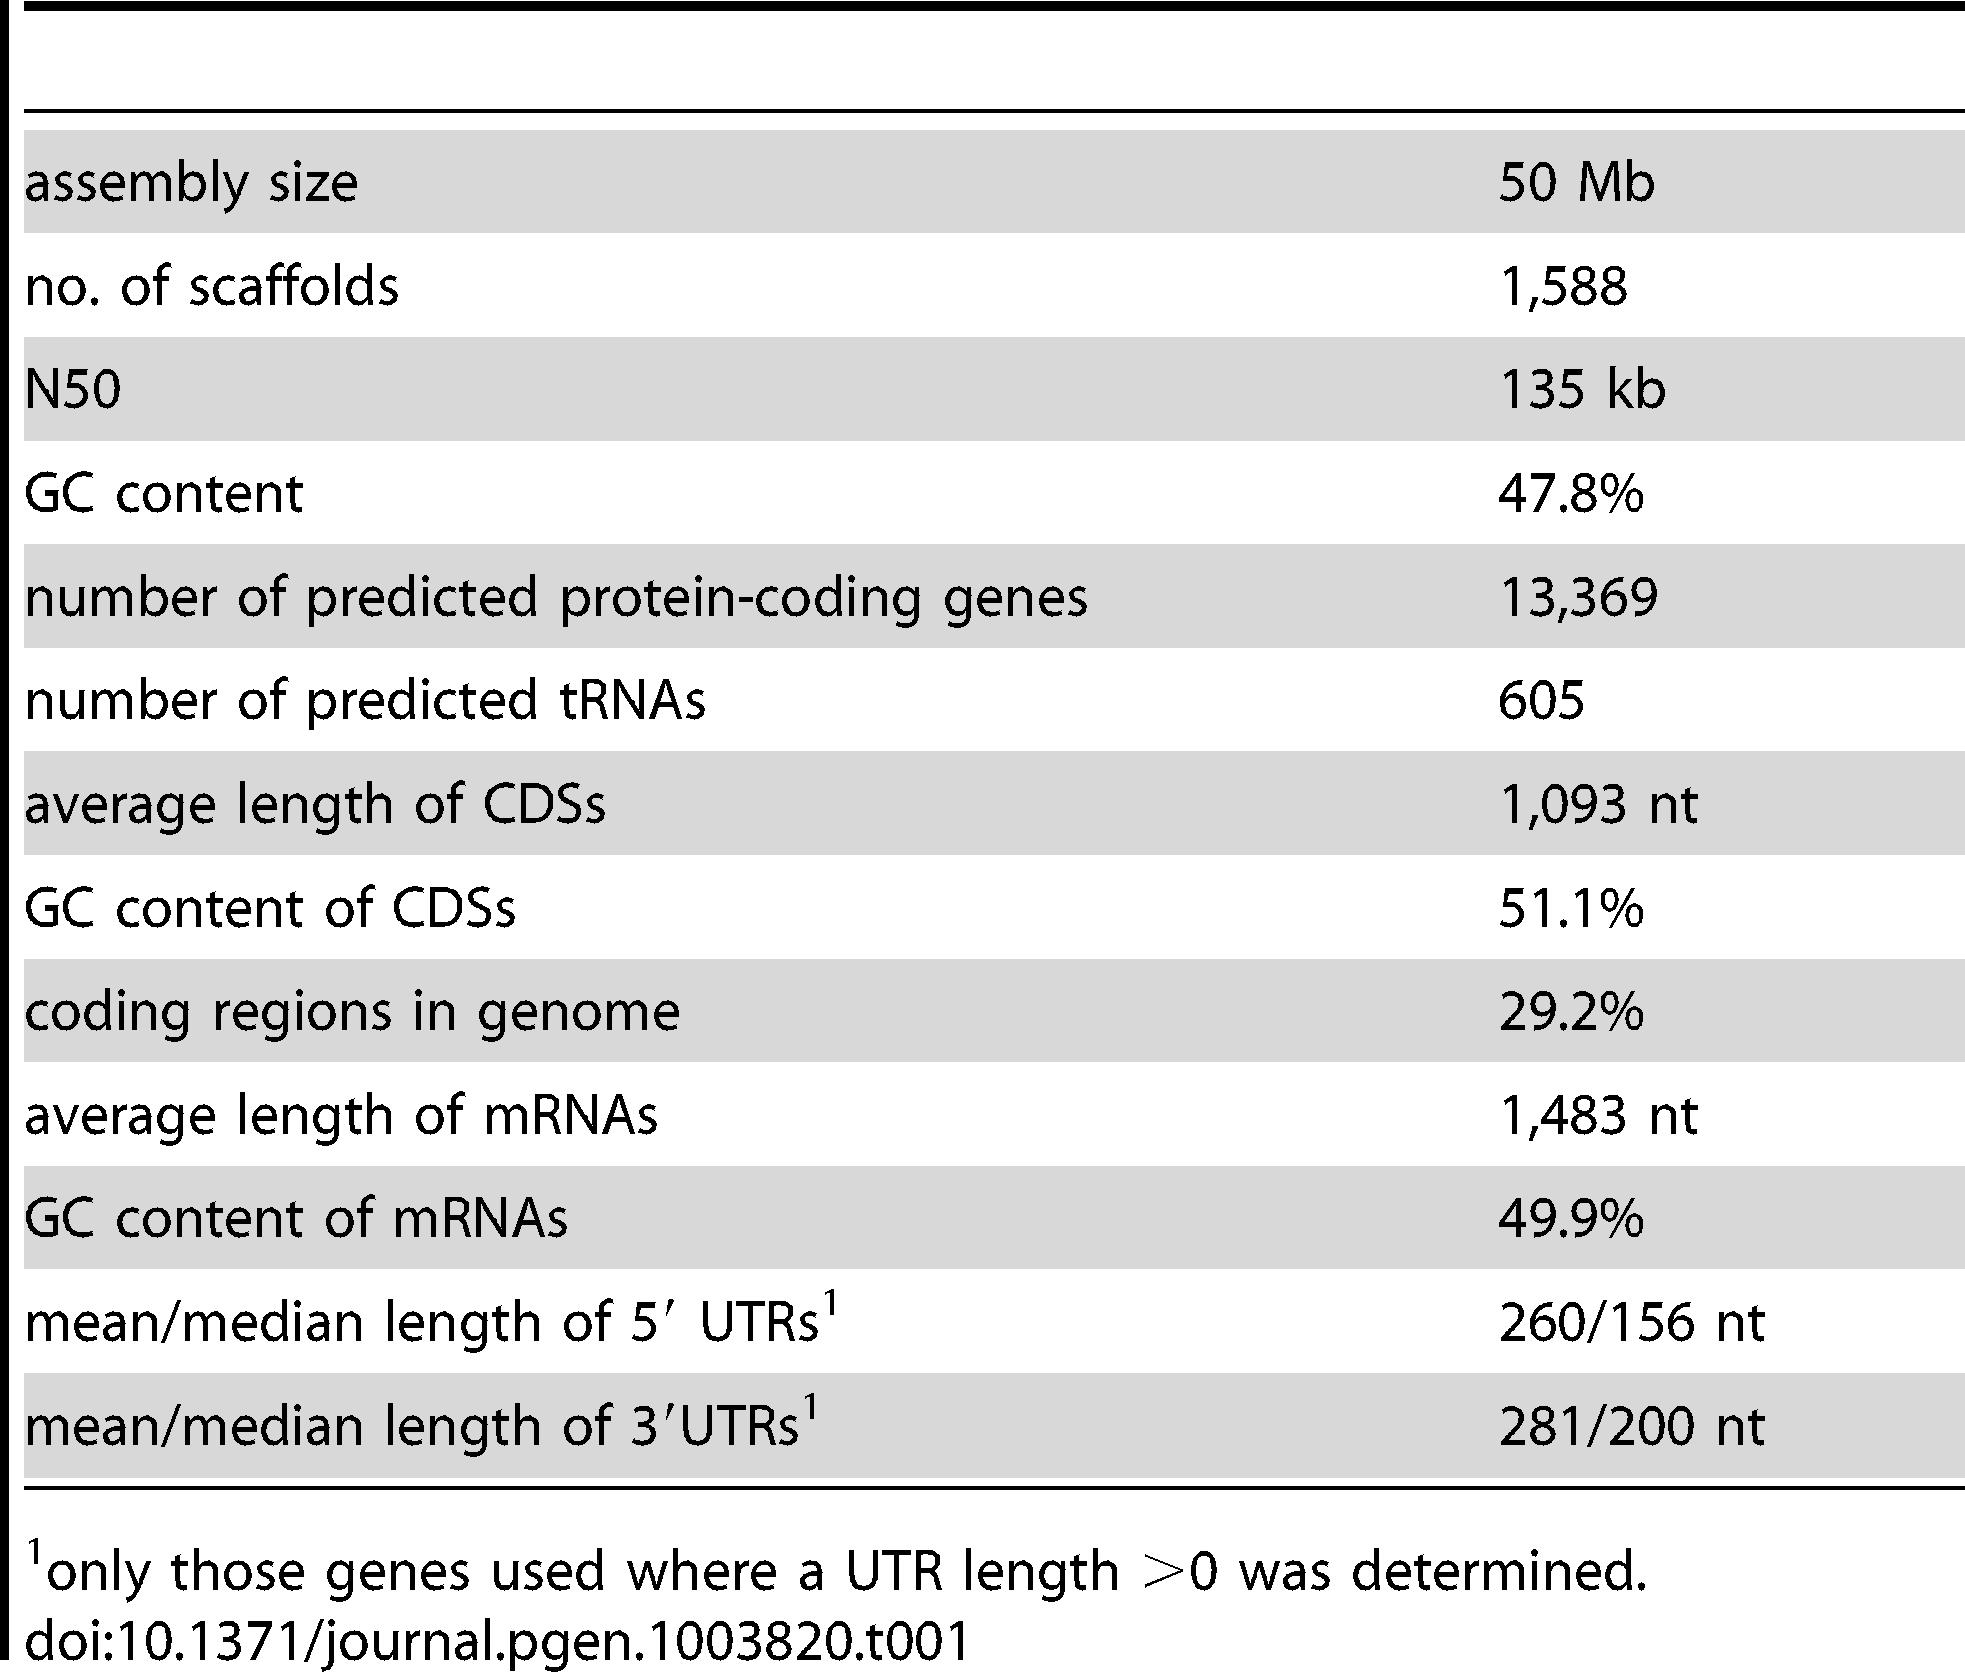 Main features of the <i>P. confluens</i> genome.